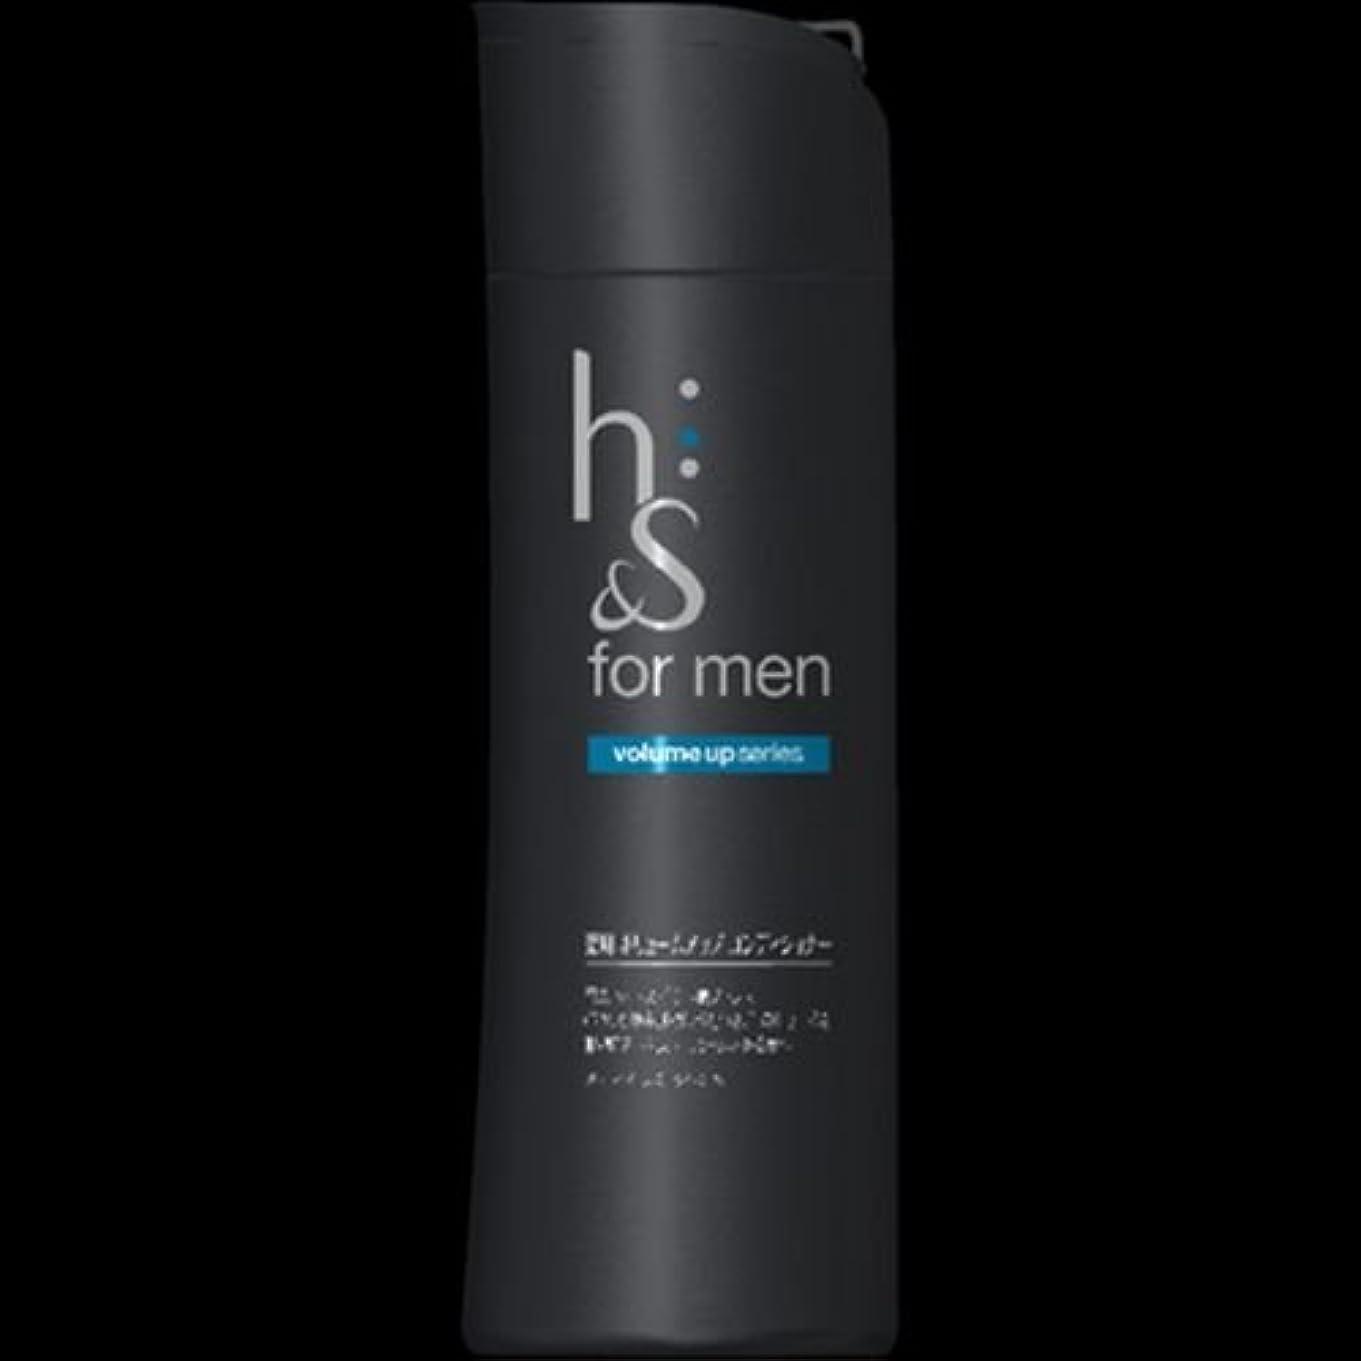 チャーム羊住所【まとめ買い】h&s for men ボリュームアップコンディショナー 200g ×2セット